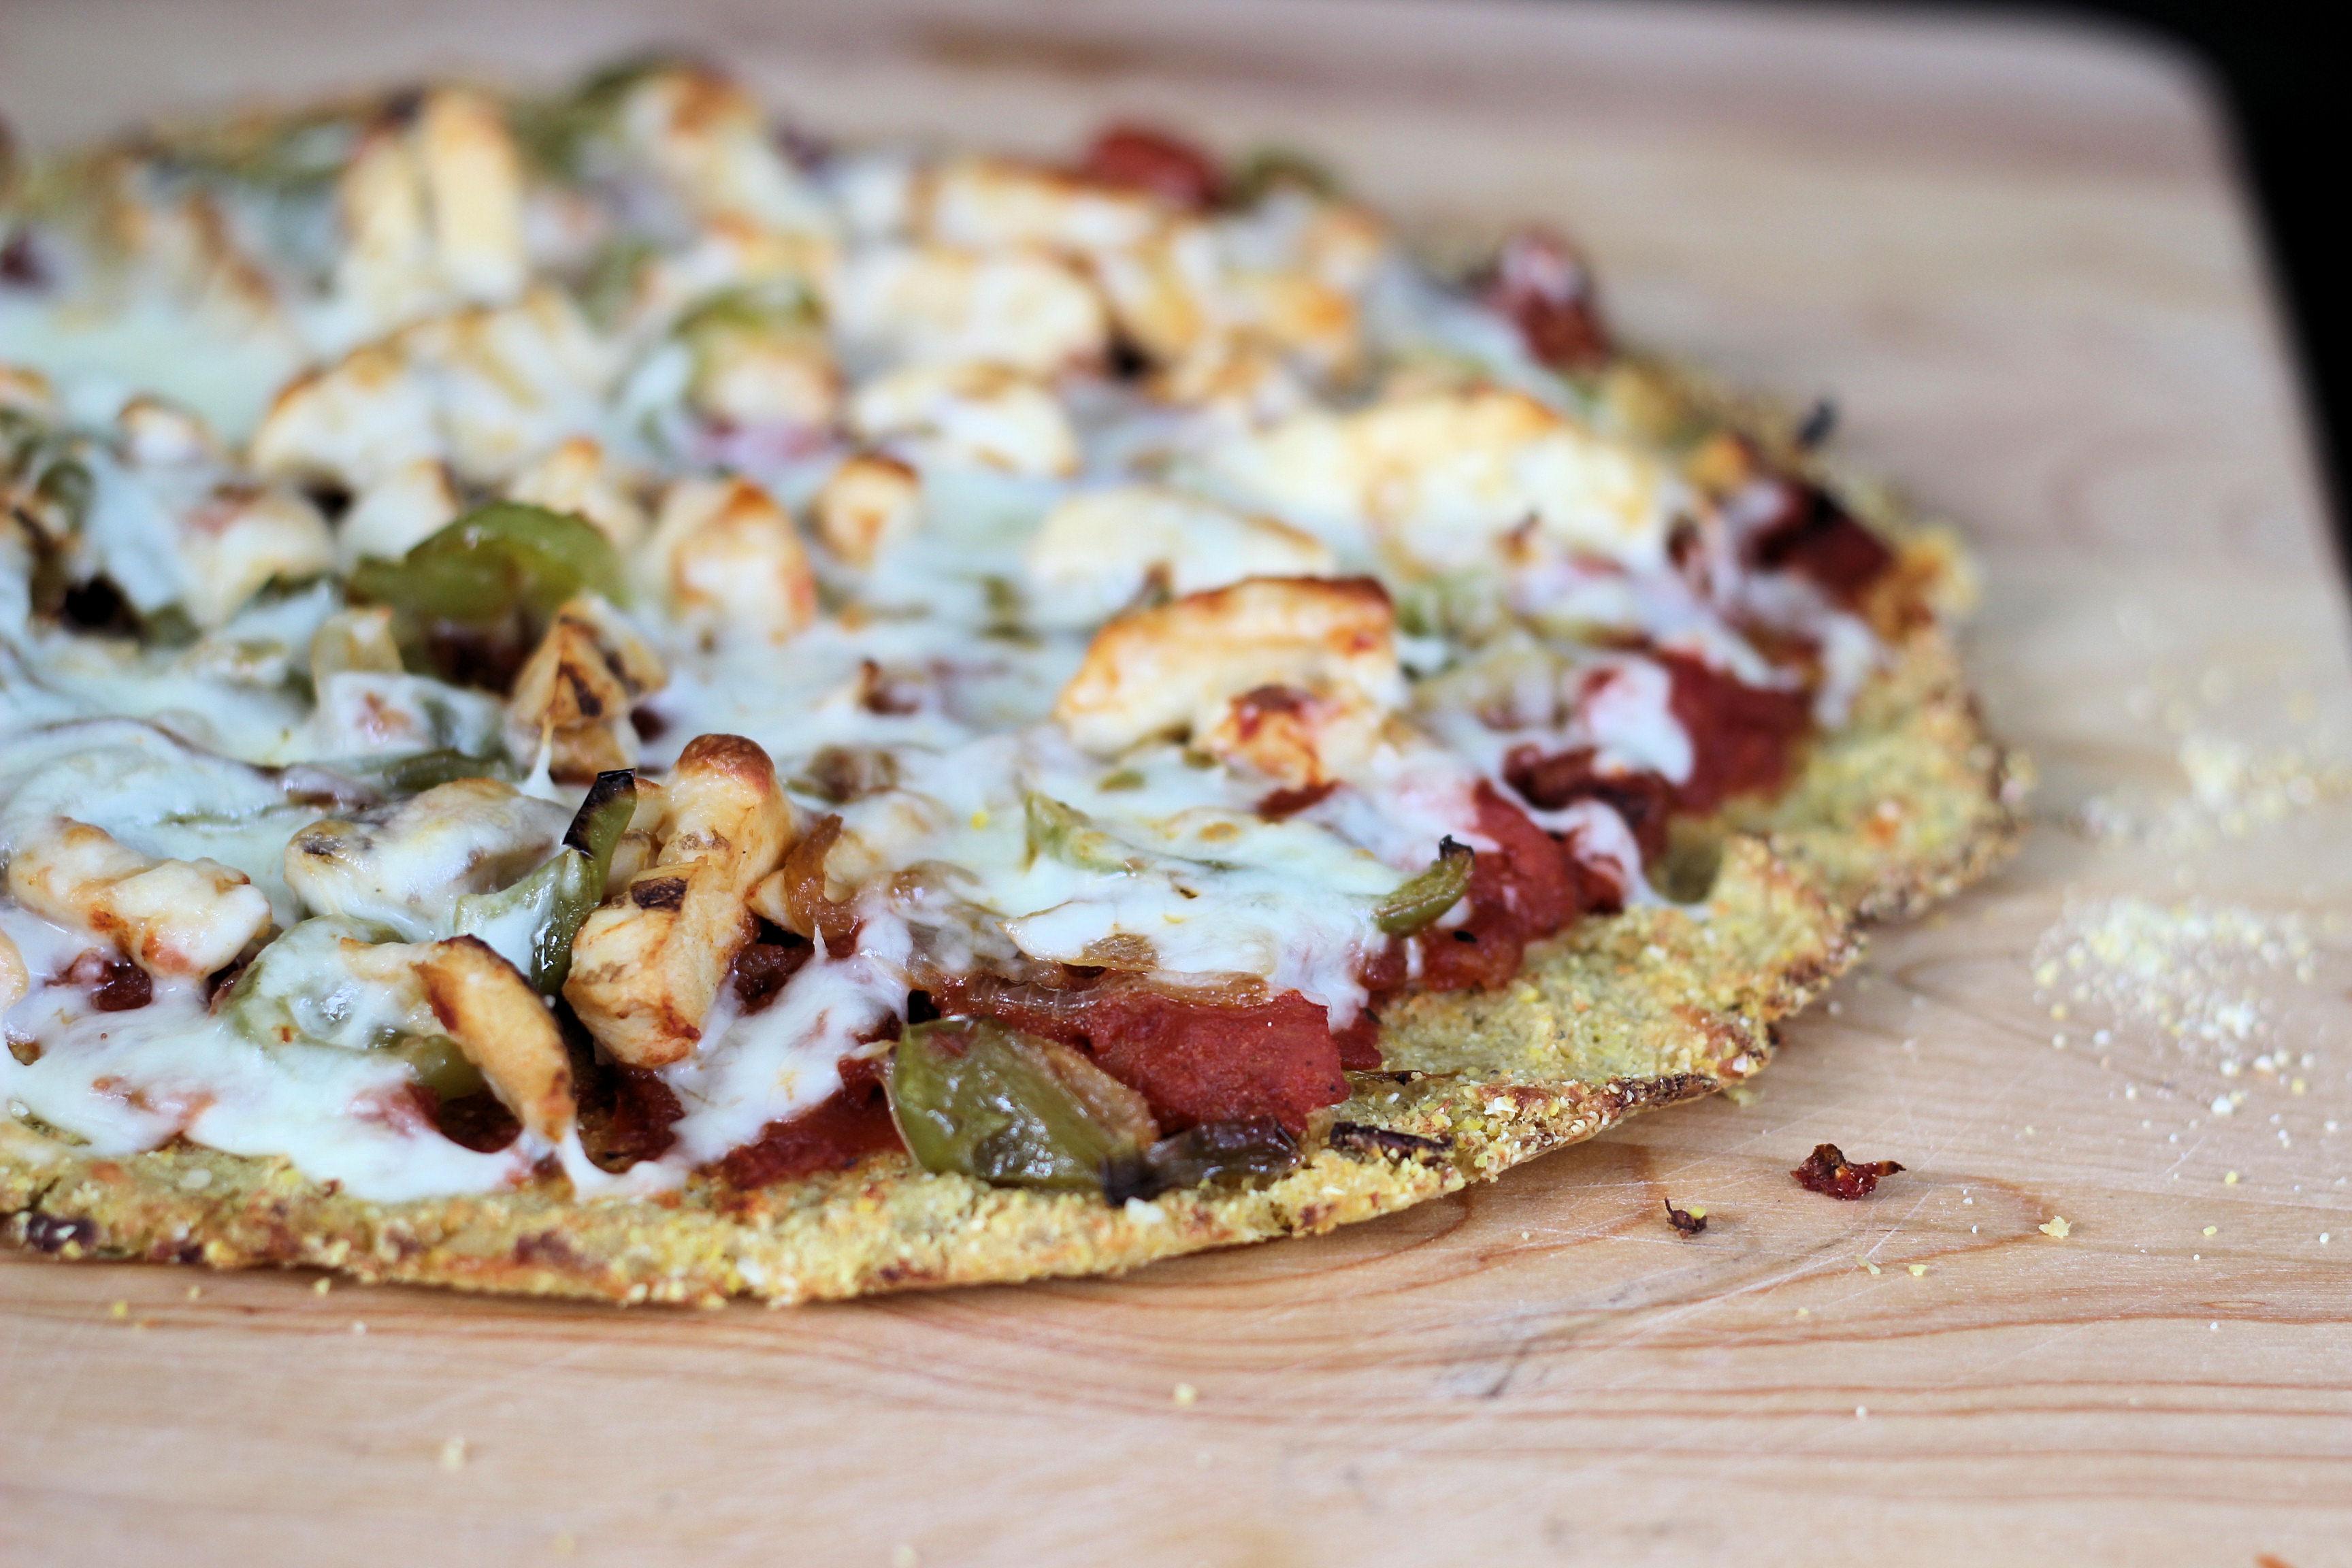 pizza apo zimi koynoypidi